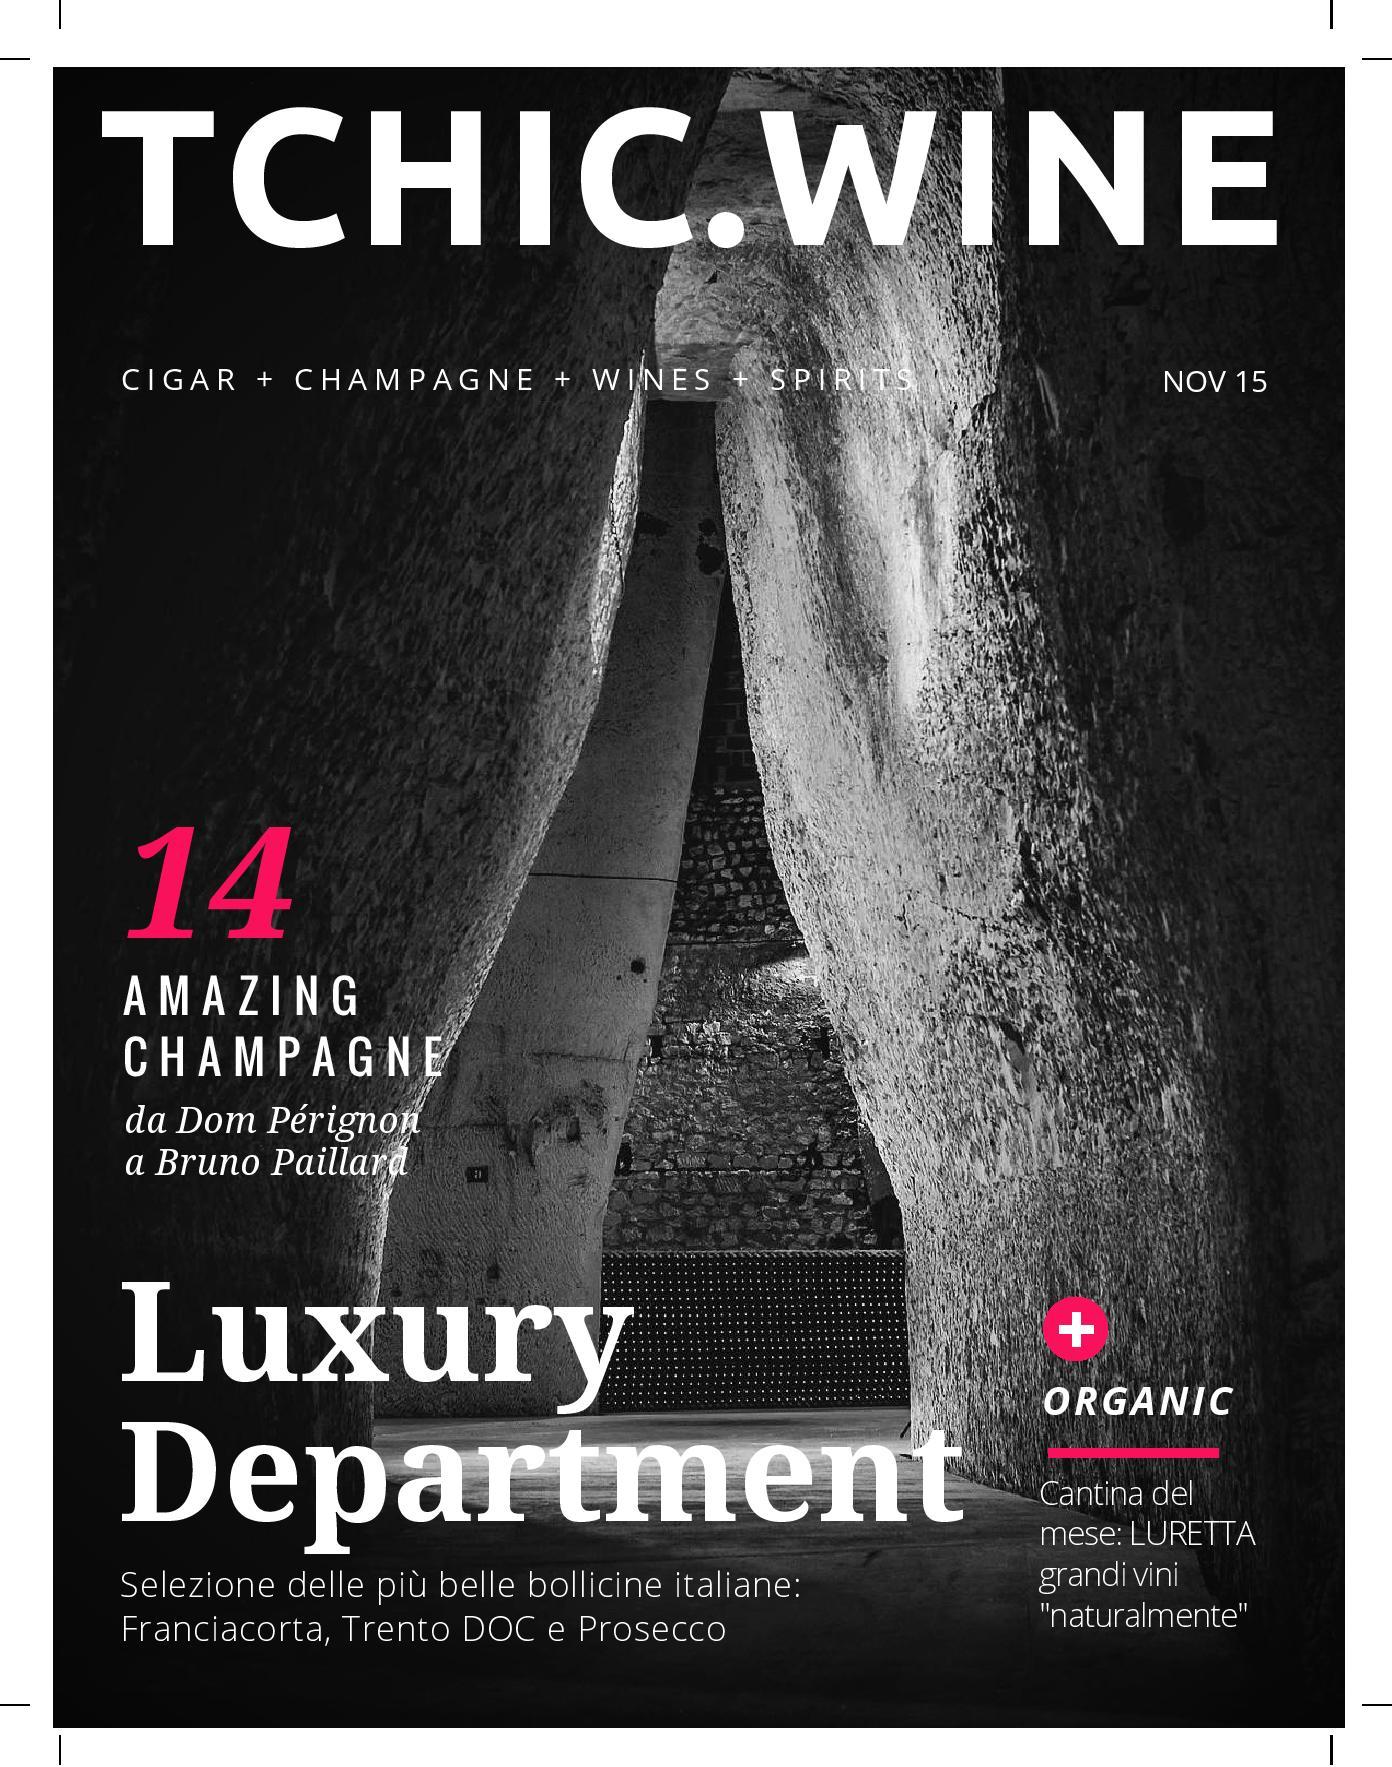 tchic-wine-nov15-compressed-page-001